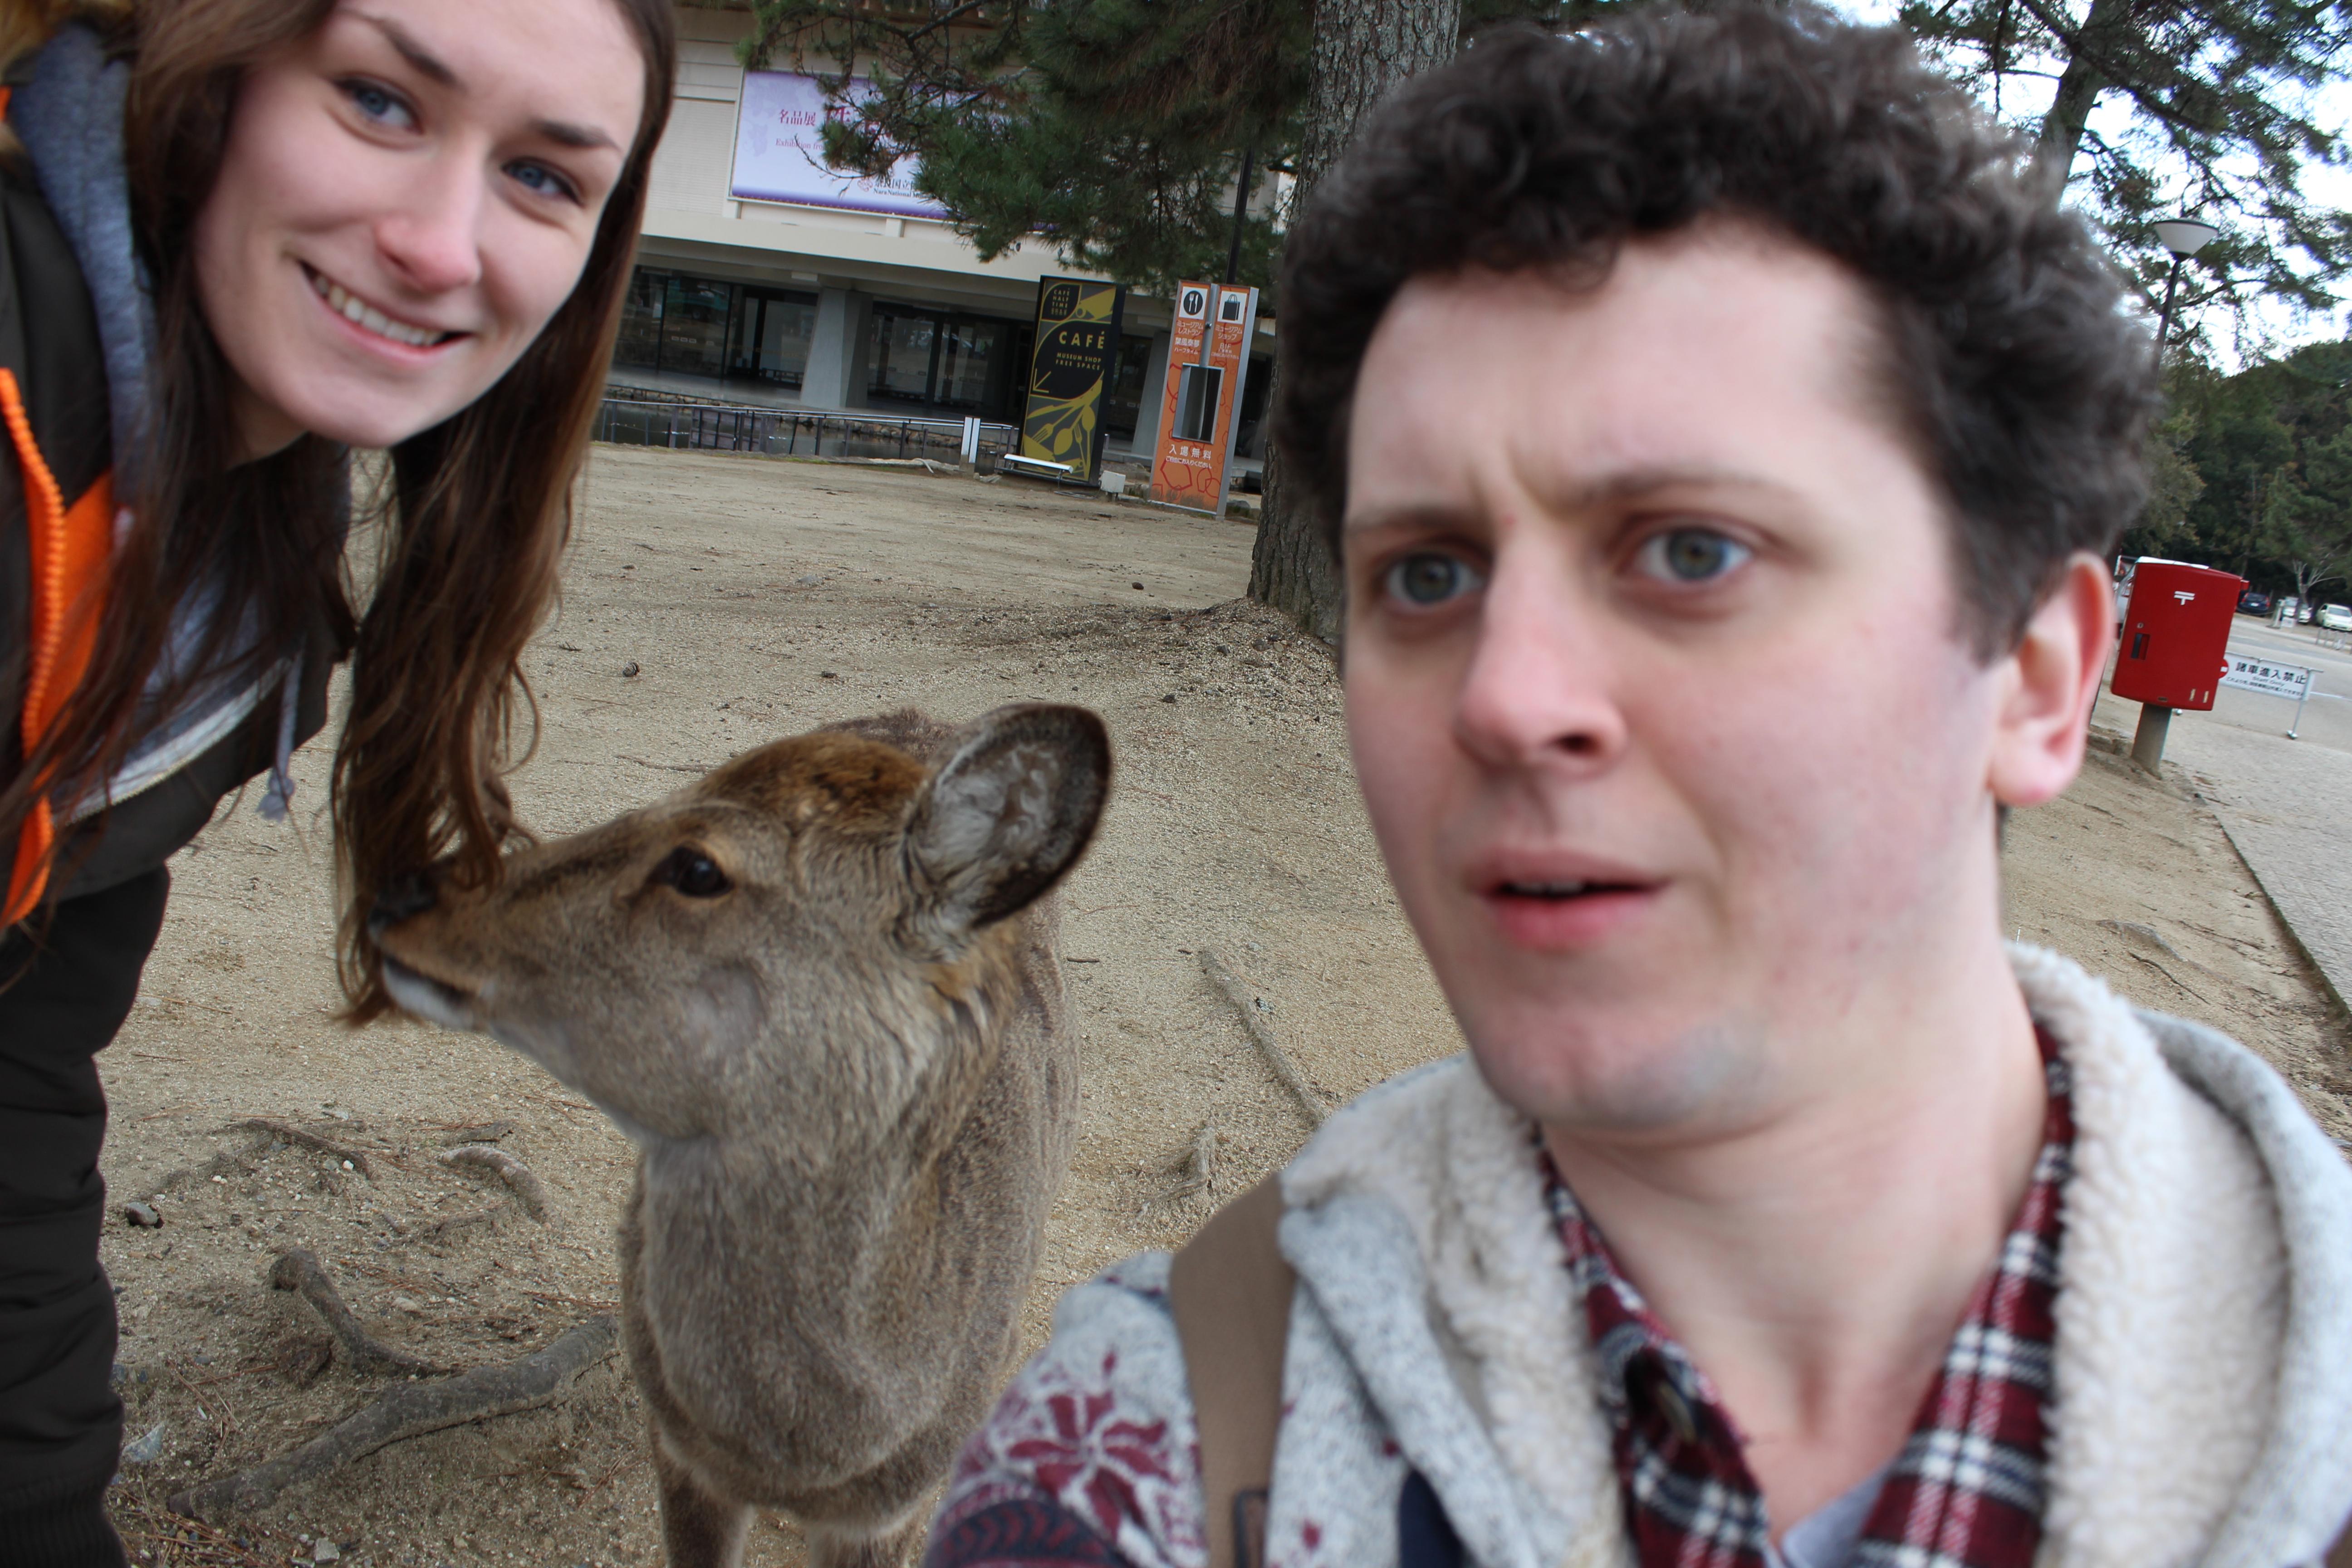 A deer selfie